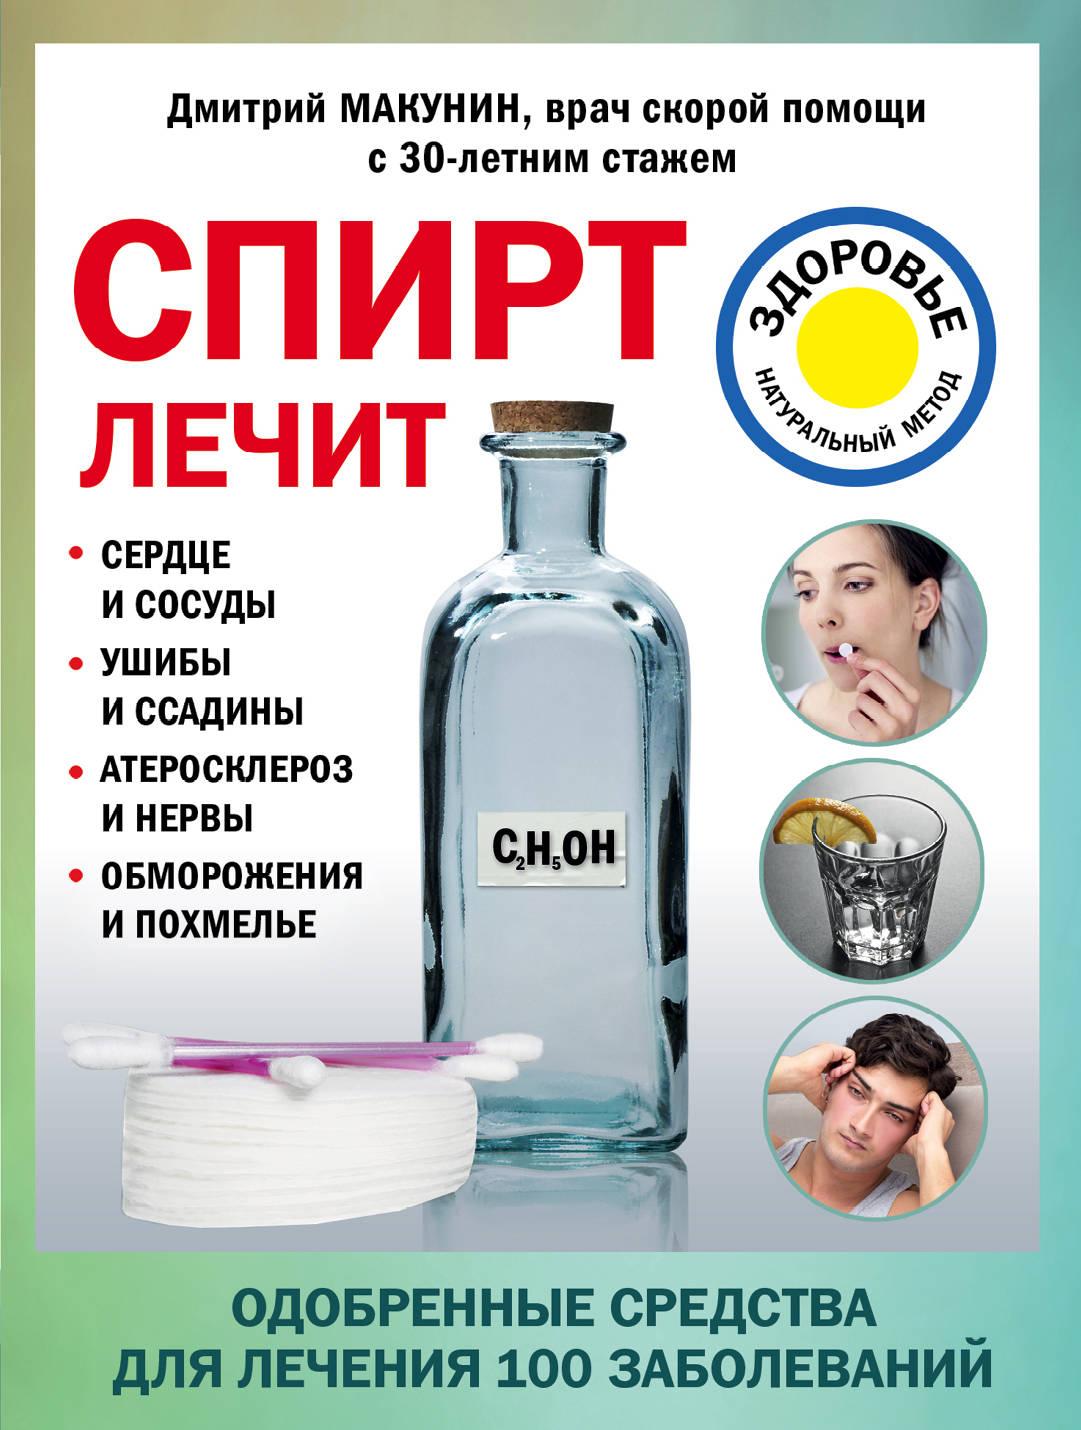 Дмитрий Макунин Спирт лечит. Сердце и сосуды, ушибы и ссадины, атеросклероз и нервы, обморожения и похмелье